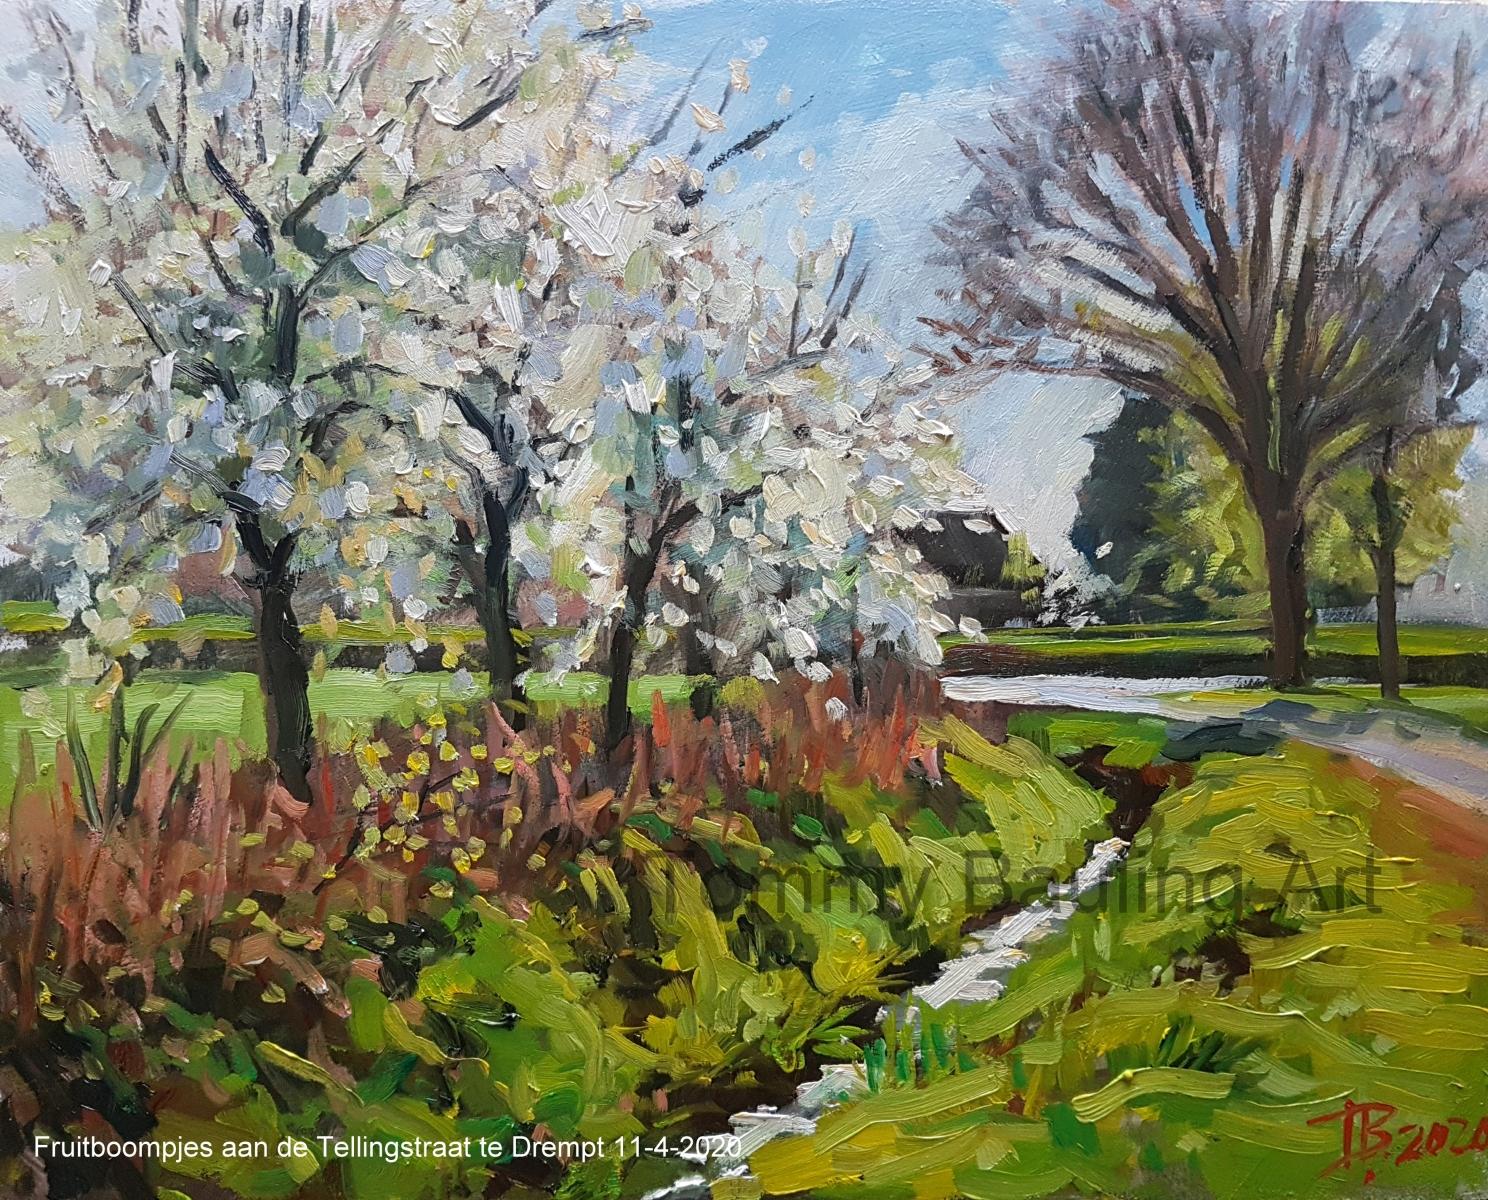 Fruitboompjes-aan-de-Tellingstraat-te-Drempt-11-4-2020